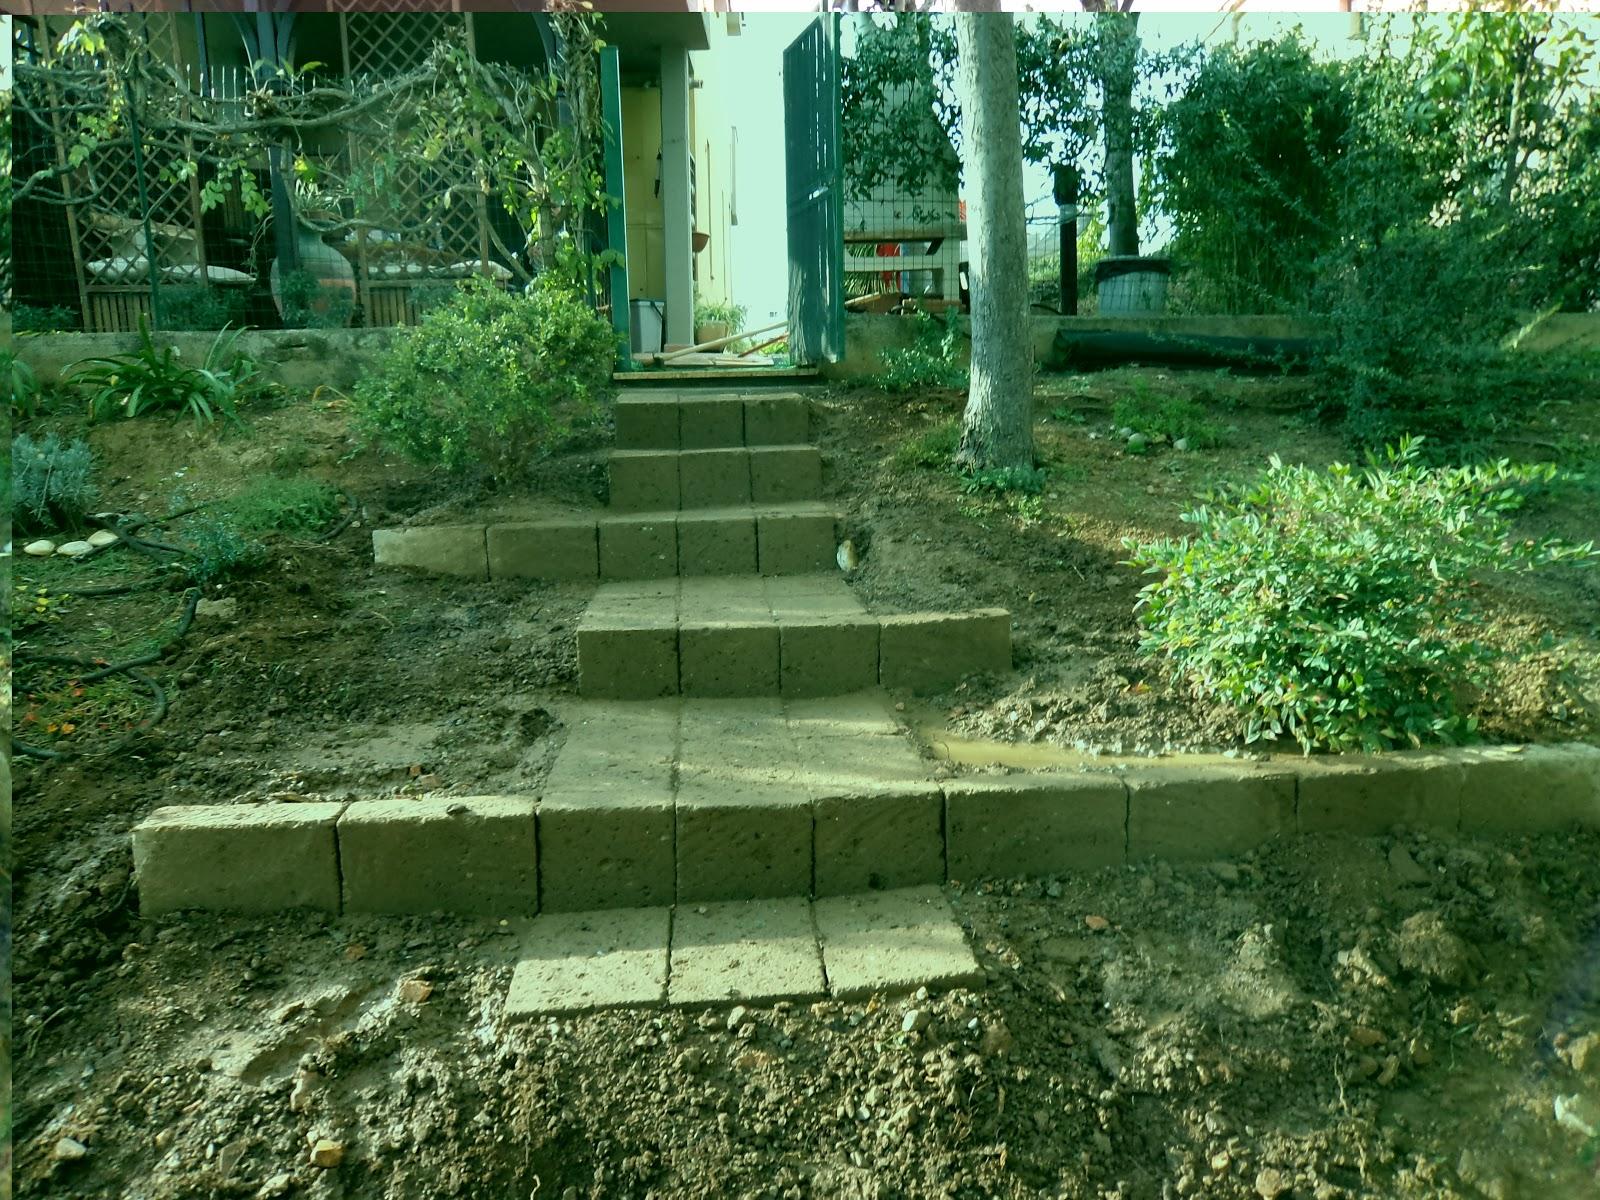 I giardini di carlo e letizia ottobre 2012 - Giardini di casa ...